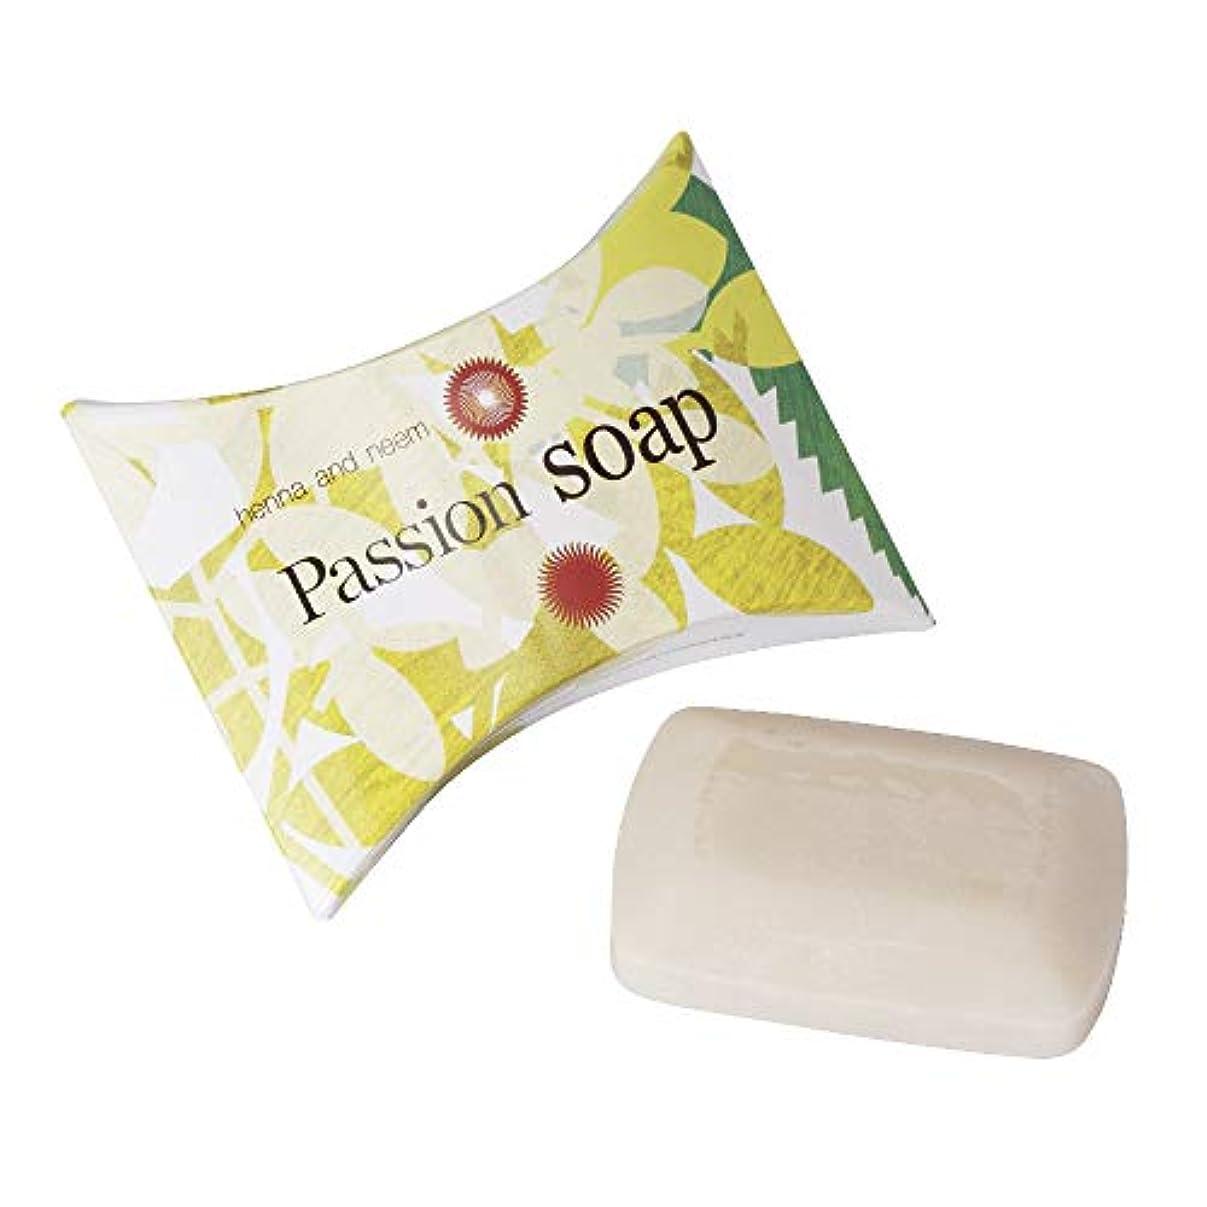 一貫性のないケーブルカークリスマスヘナソープ PASSION SOAP 天然サポニンで洗う優しいハーブ石鹸